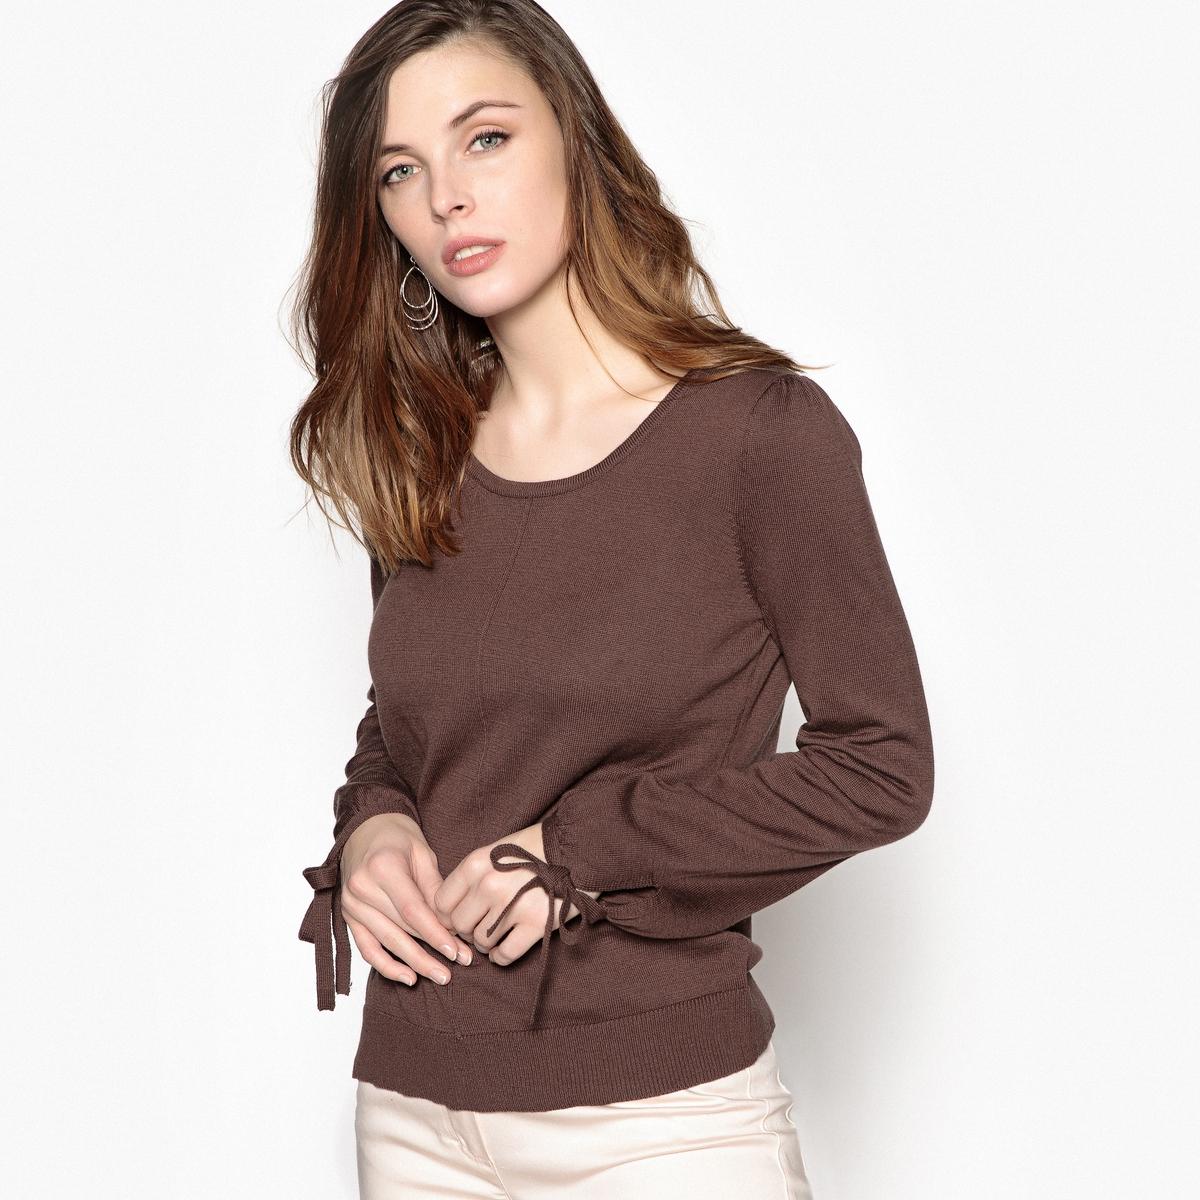 Пуловер с длинными рукавами высокий ватикан тонкий лацкане мода случайные с длинными рукавами рубашки ретро карманные тренды дамы g1170008 синий серый 155 с